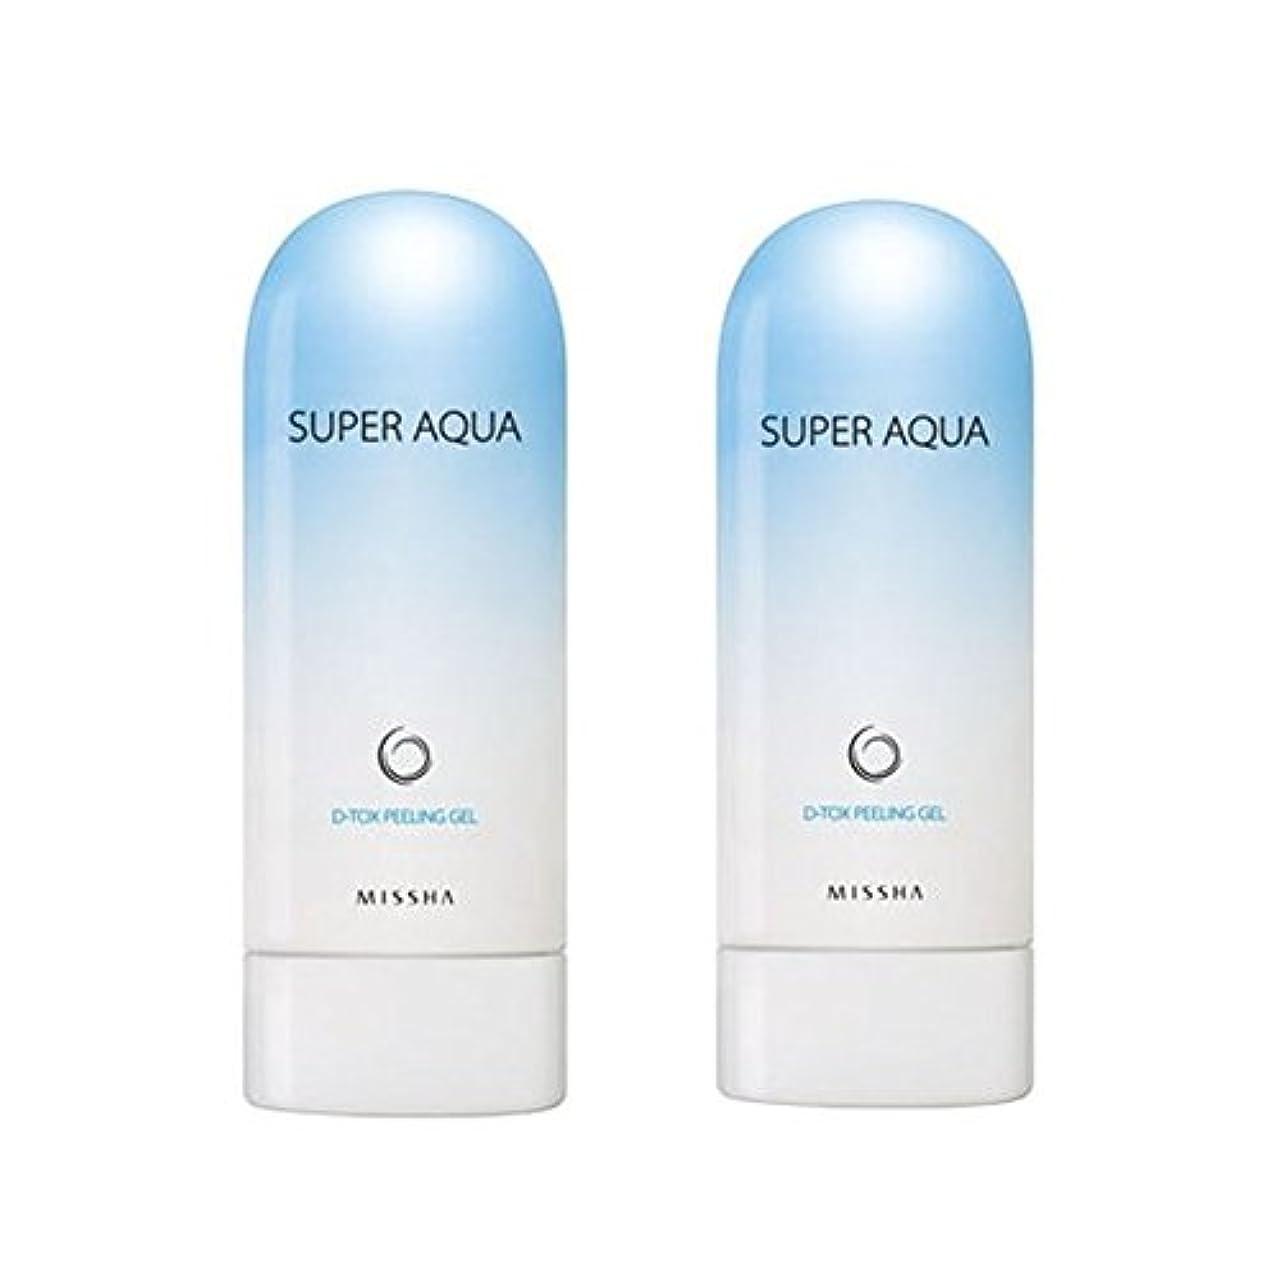 不正直悩みセッティングミシャスーパーアクアピーリングジェル100ml x 2本セット、MISSHA Super Aqua Peeling Gel 100ml x 2ea Set [並行輸入品]